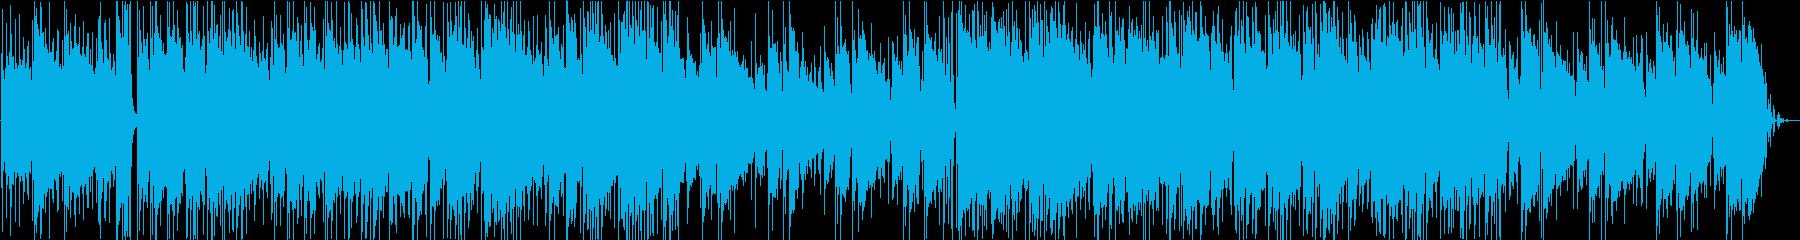 ほのぼのした雰囲気のギターソロの再生済みの波形